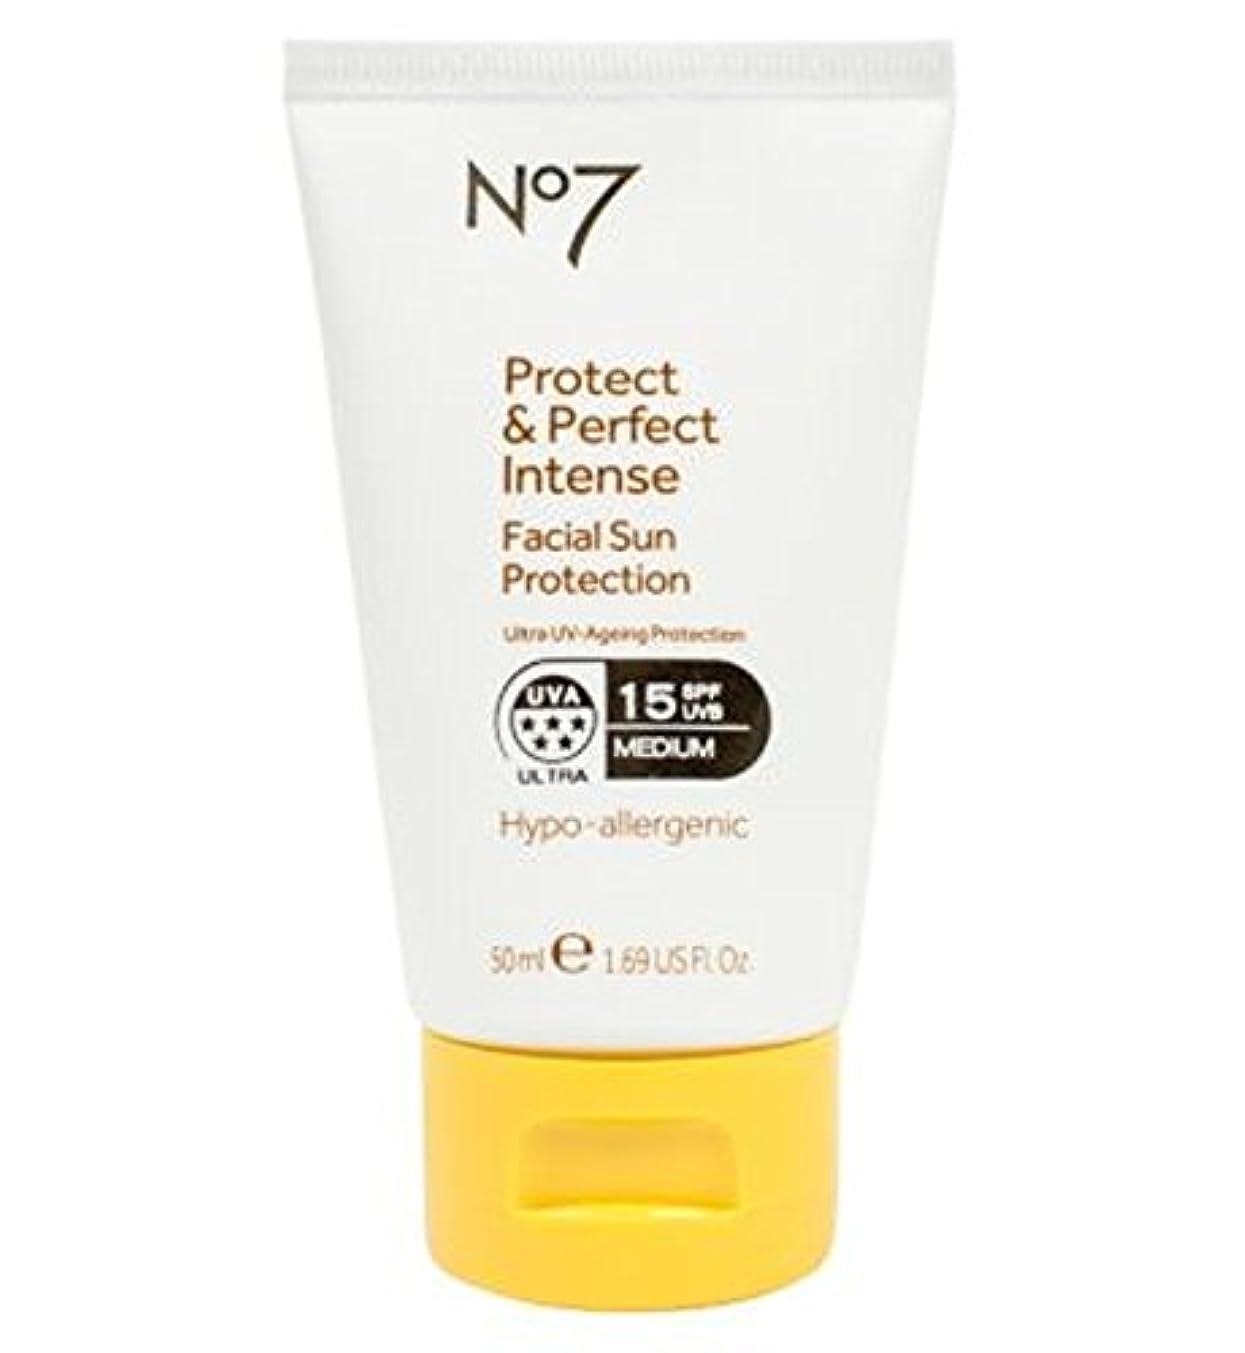 預言者三十会計No7 Protect & Perfect Intense Facial Sun Protection SPF 15 50ml - No7保護&完璧な強烈な顔の日焼け防止Spf 15 50ミリリットル (No7) [並行輸入品]